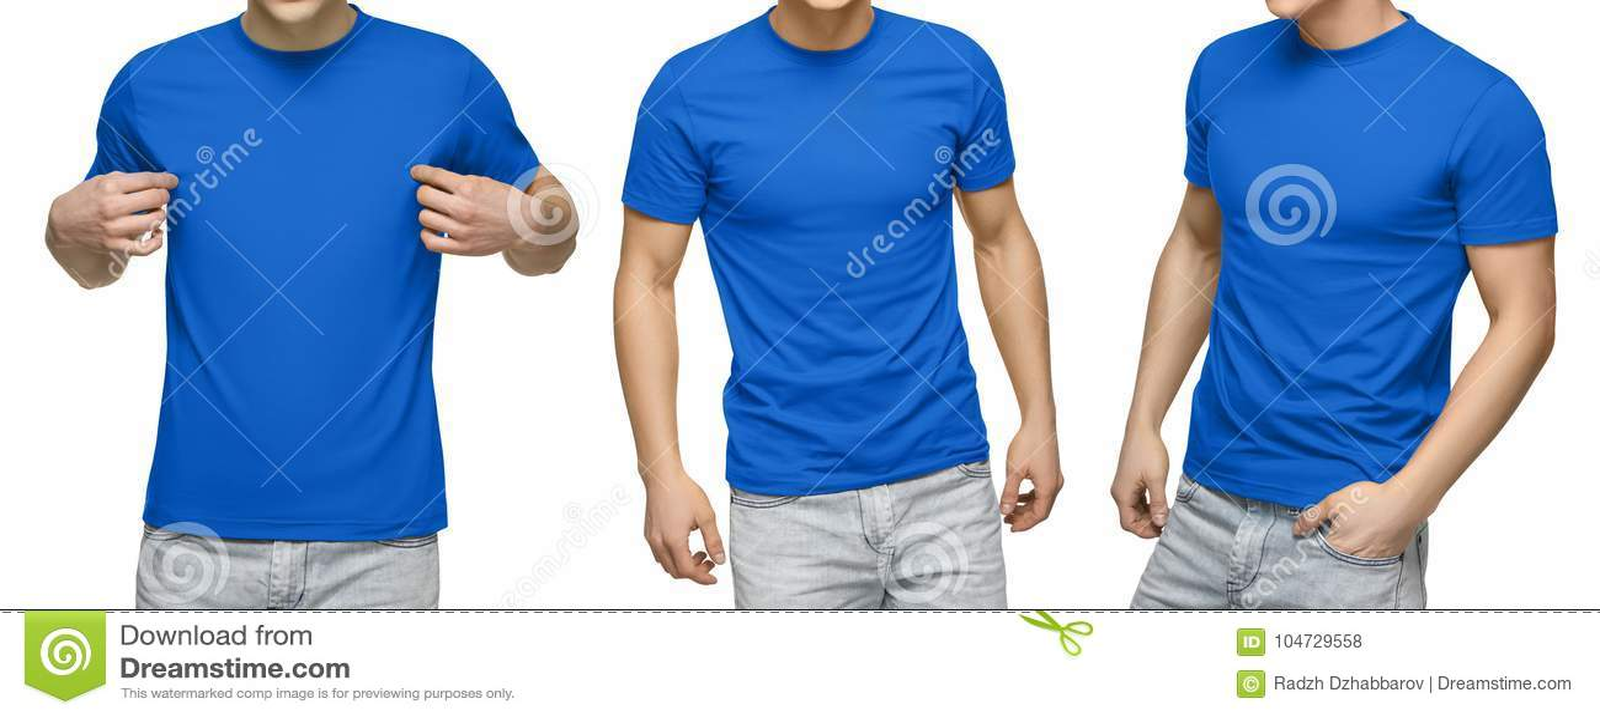 Junger Mann im leeren blauen T-Shirt, Front und hintere Ansicht, lokalisierte weißen Hintergrund Entwerfen Sie Mannt-shirt Schabl